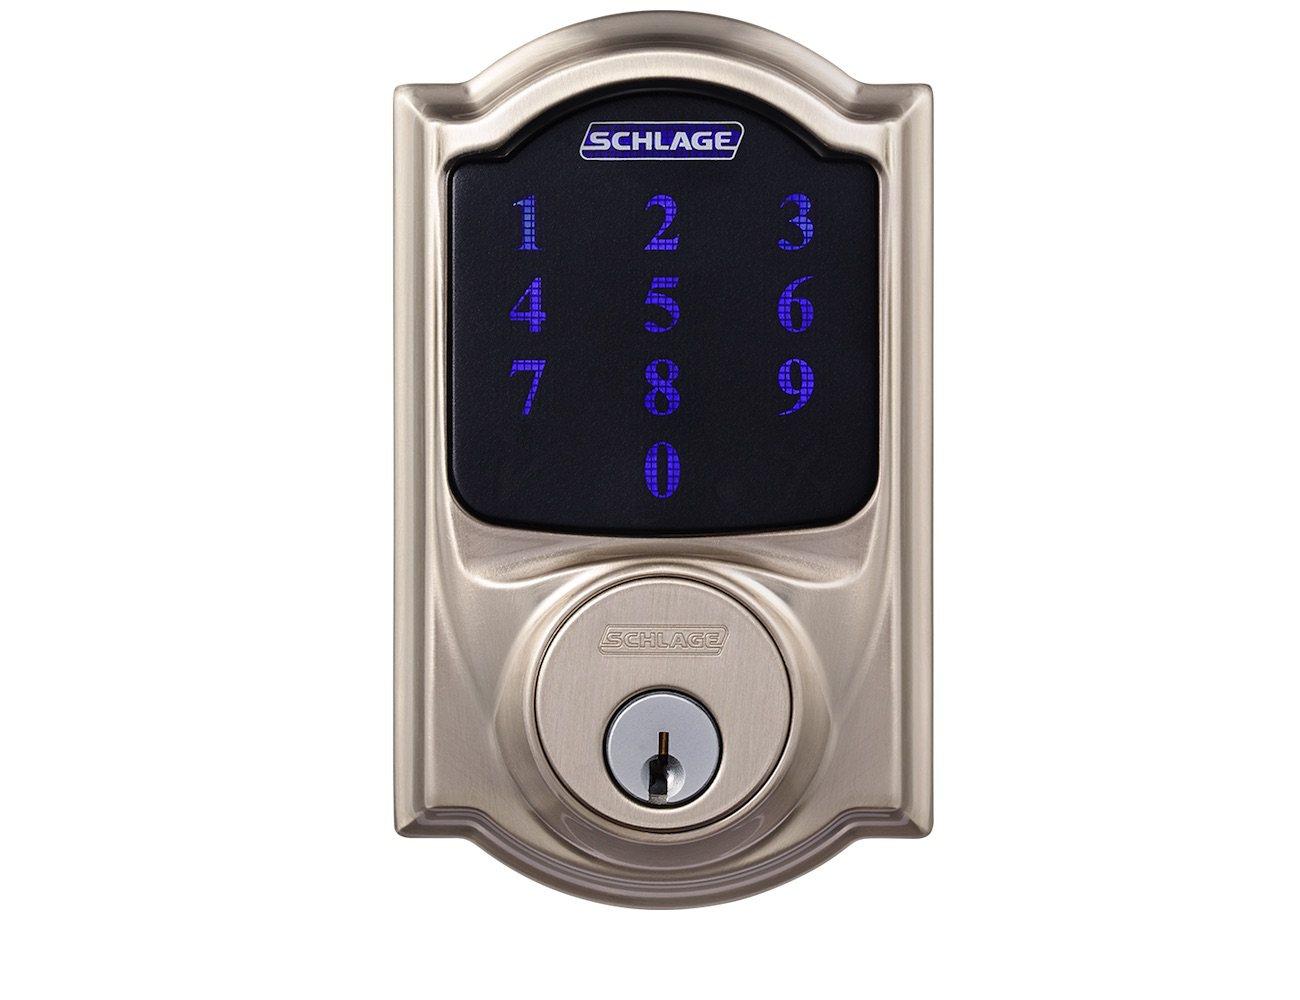 Wink Schlage Connect Camelot Touchscreen Deadbolt